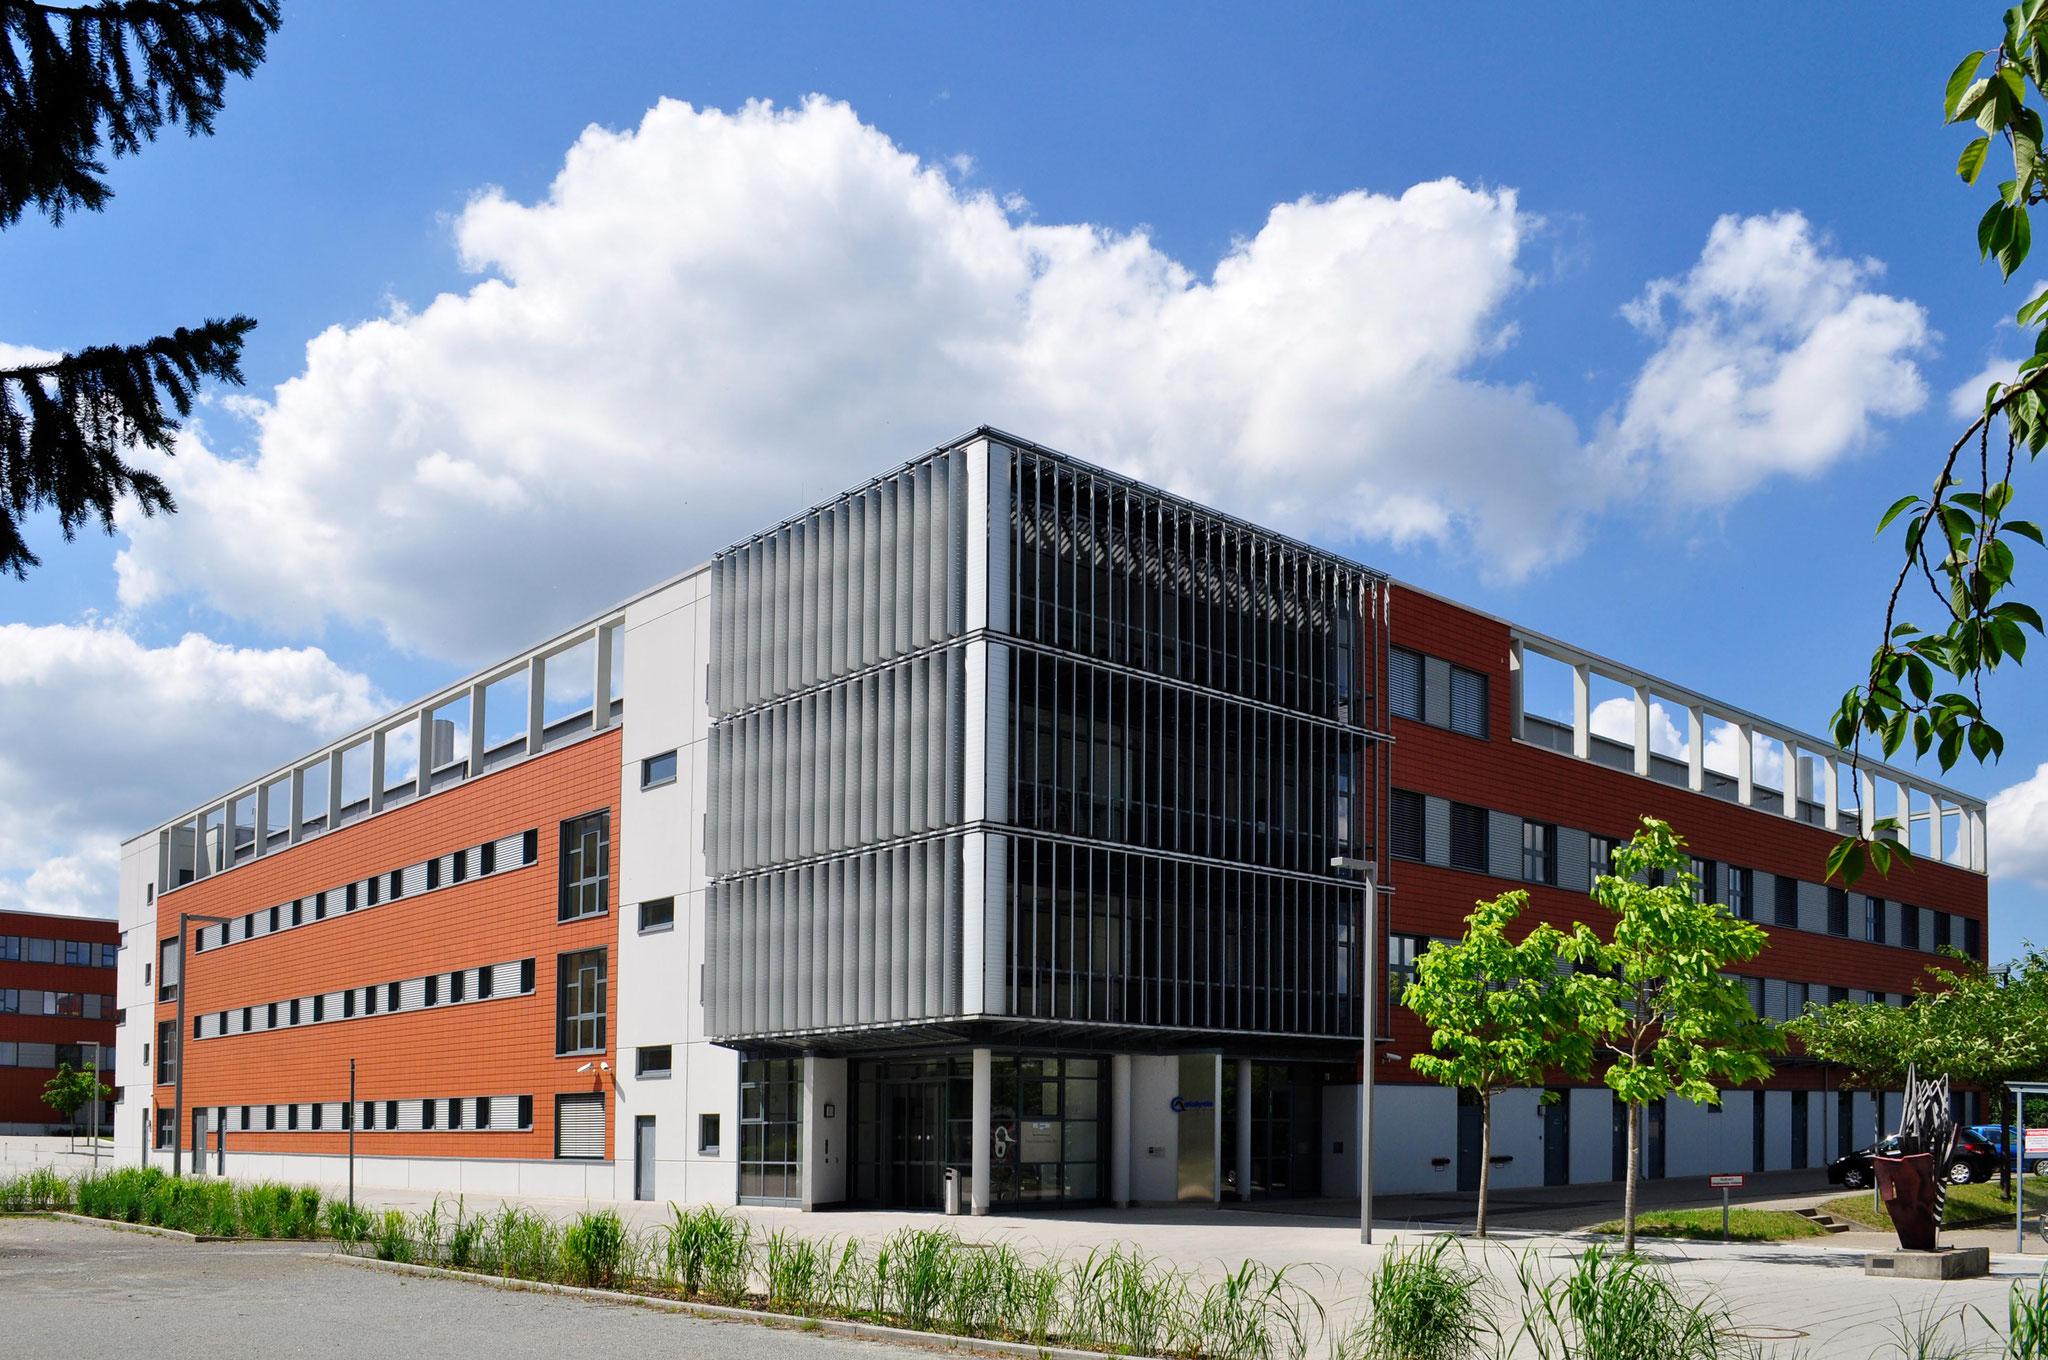 Das Leibniz Institut für Katalyse in der Rostocker Südstadt.